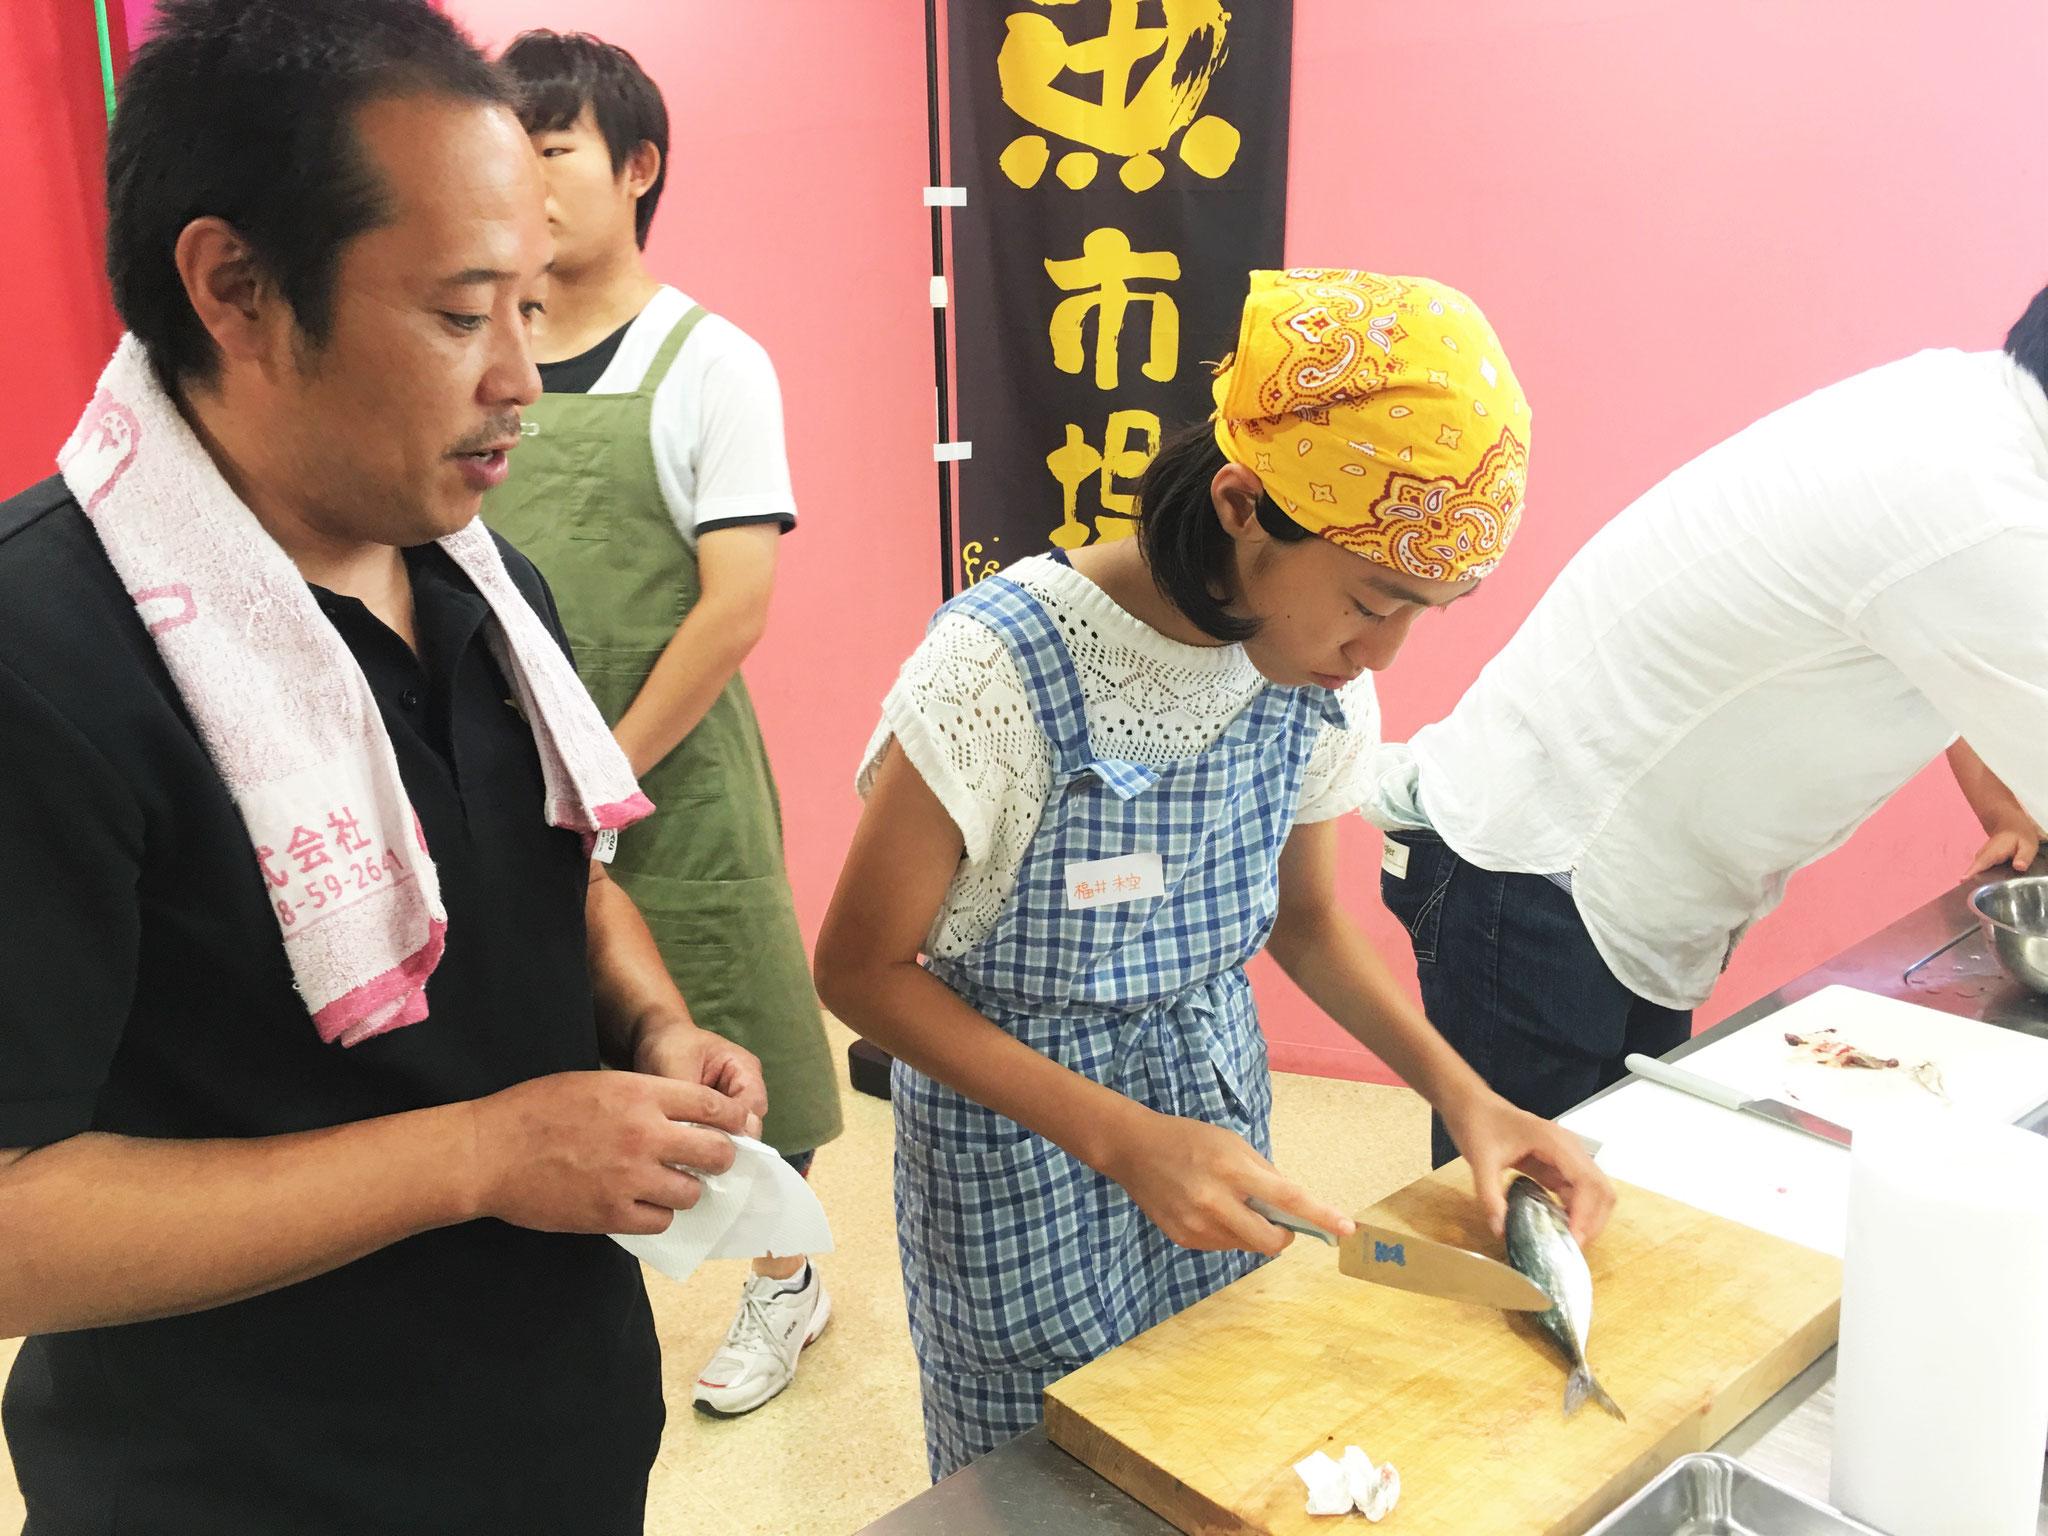 ヤマツ商店、伊藤さんより指導を受ける子供たち!